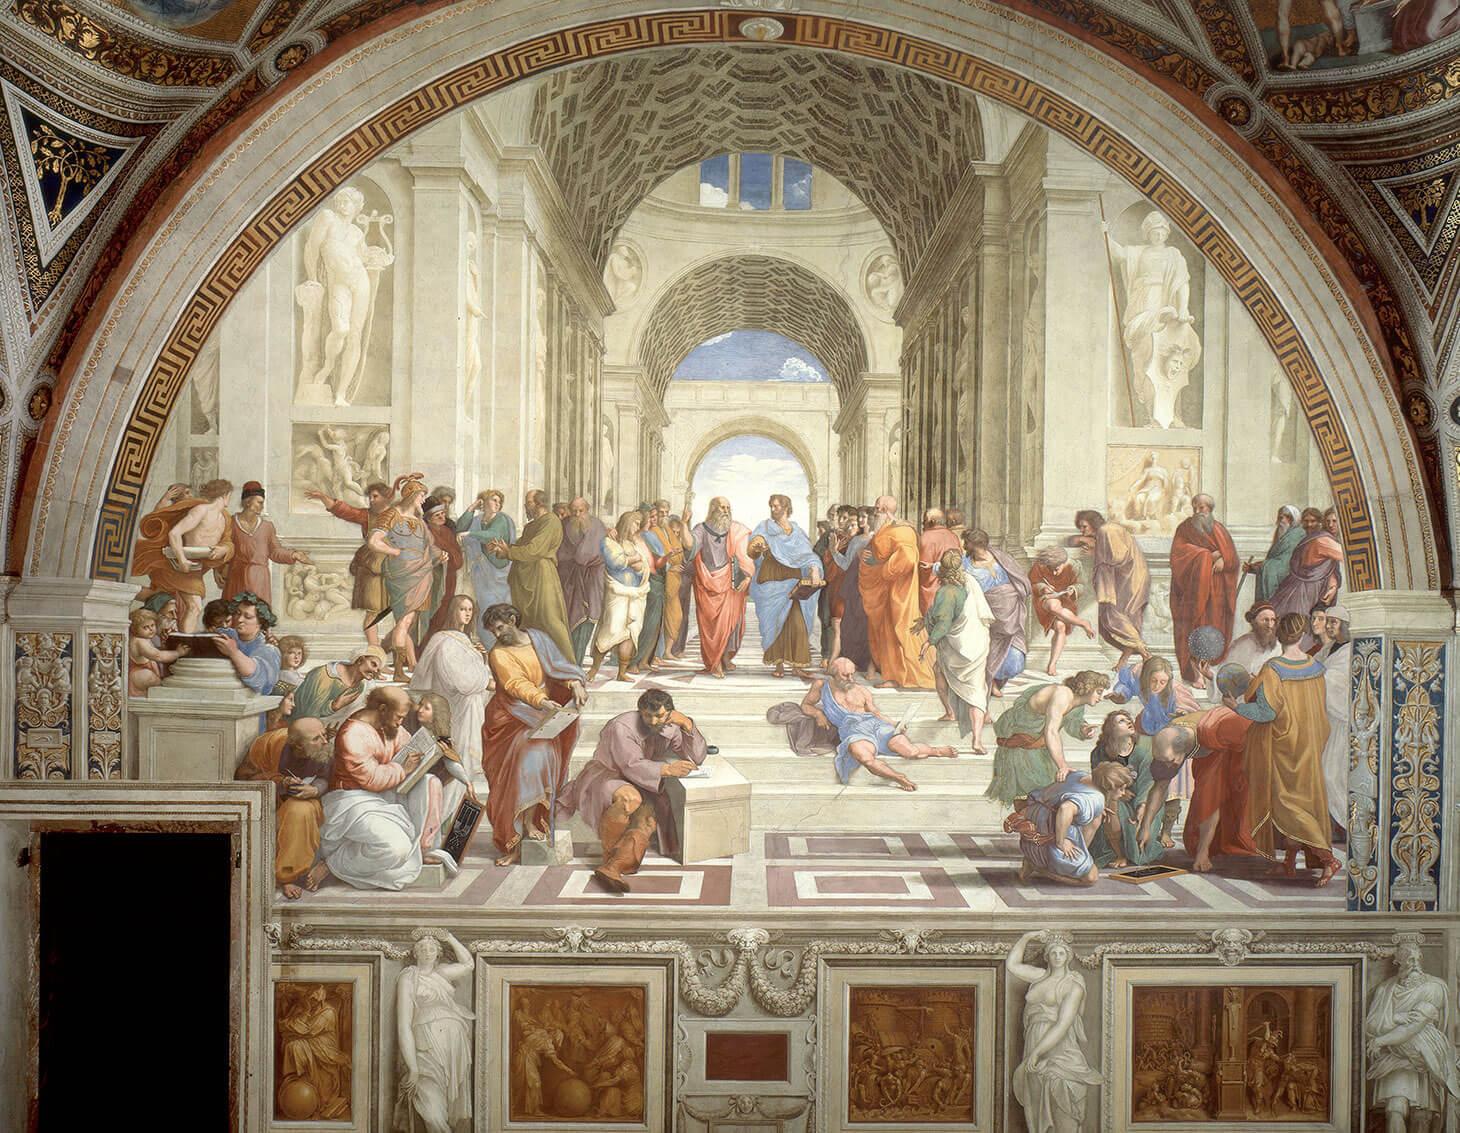 Il Diritto Perfetto - La Scuola di Atene